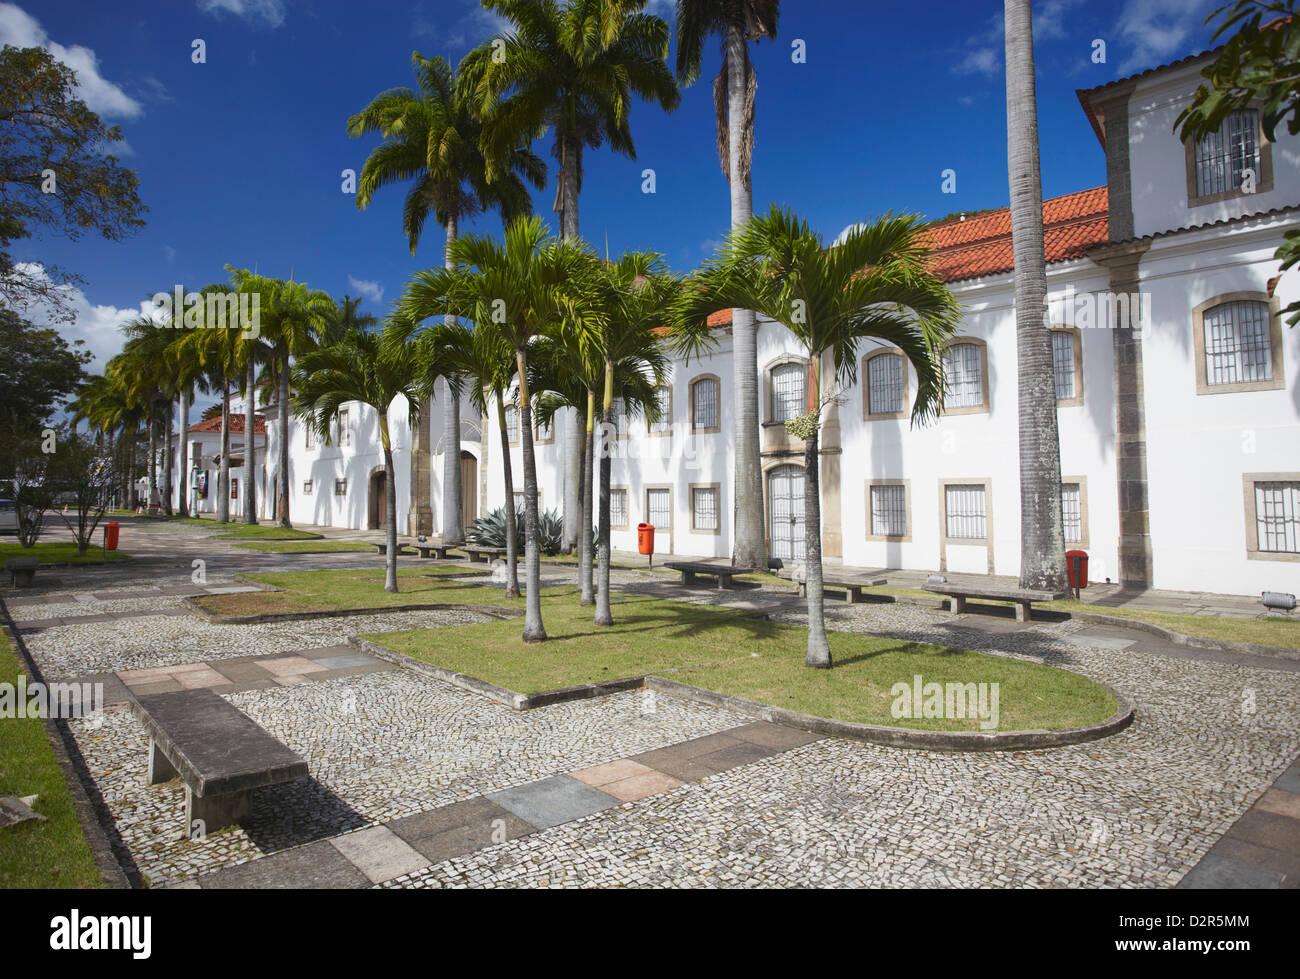 National History Museum, Centro, Rio de Janeiro, Brésil, Amérique du Sud Photo Stock